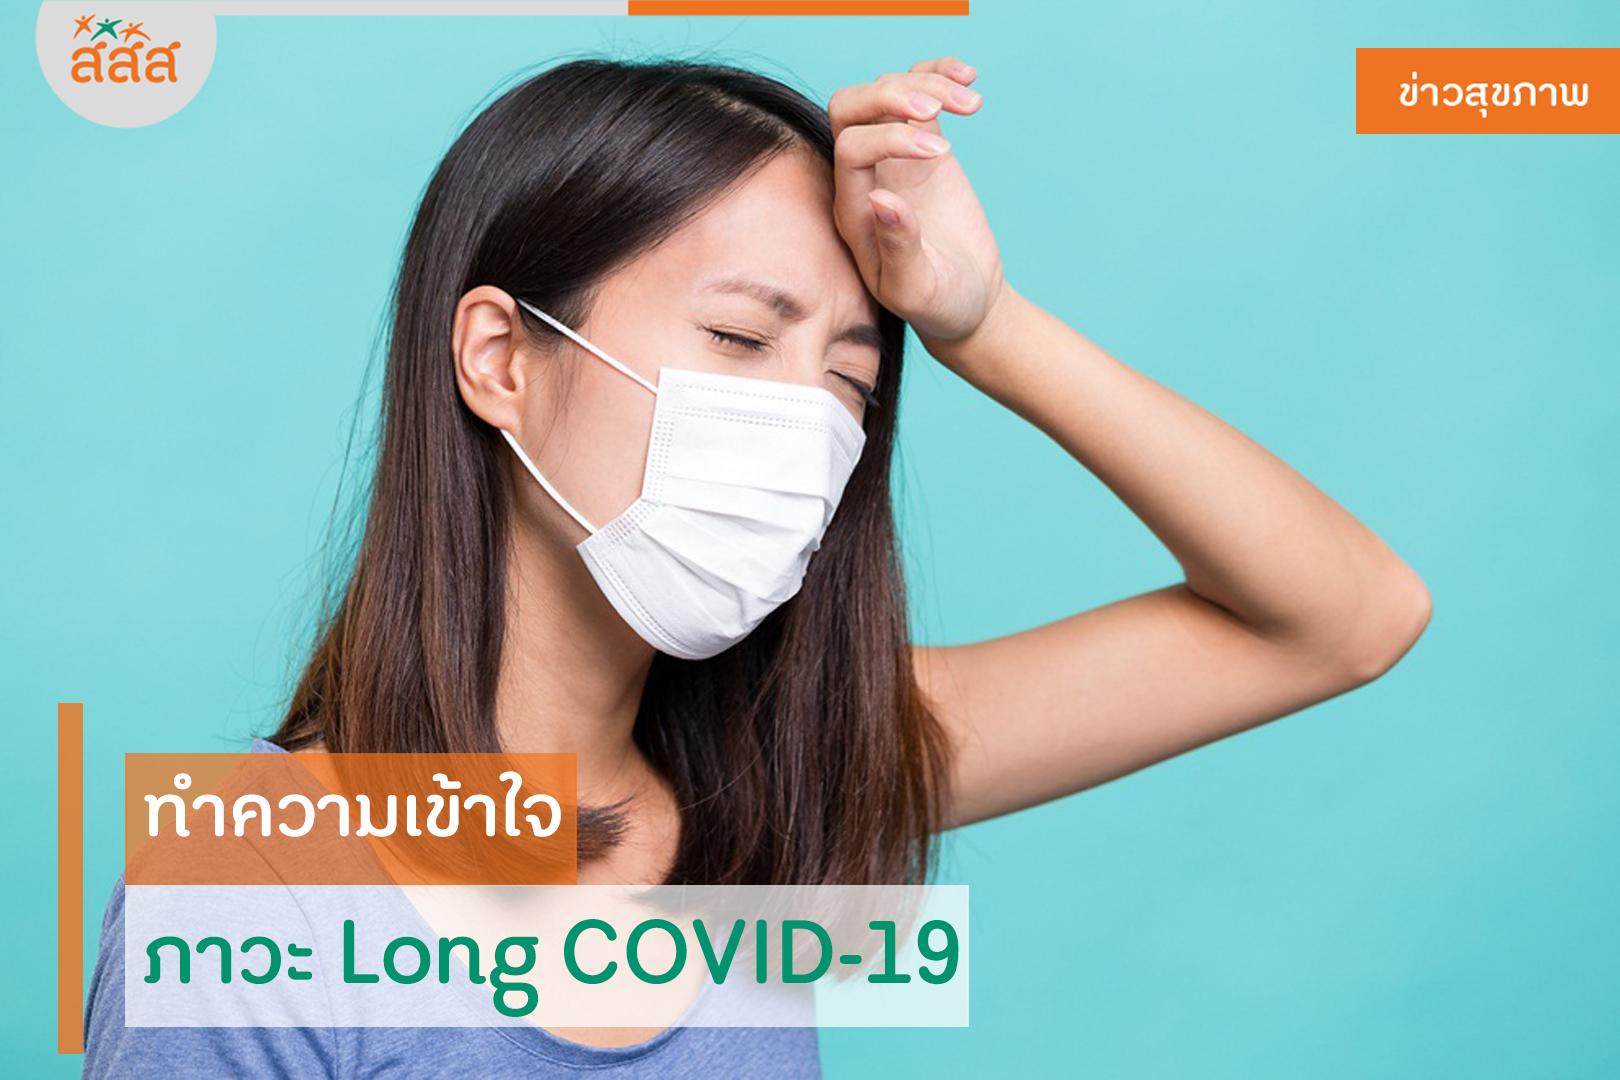 ทำความเข้าใจ ภาวะ Long COVID-19  thaihealth